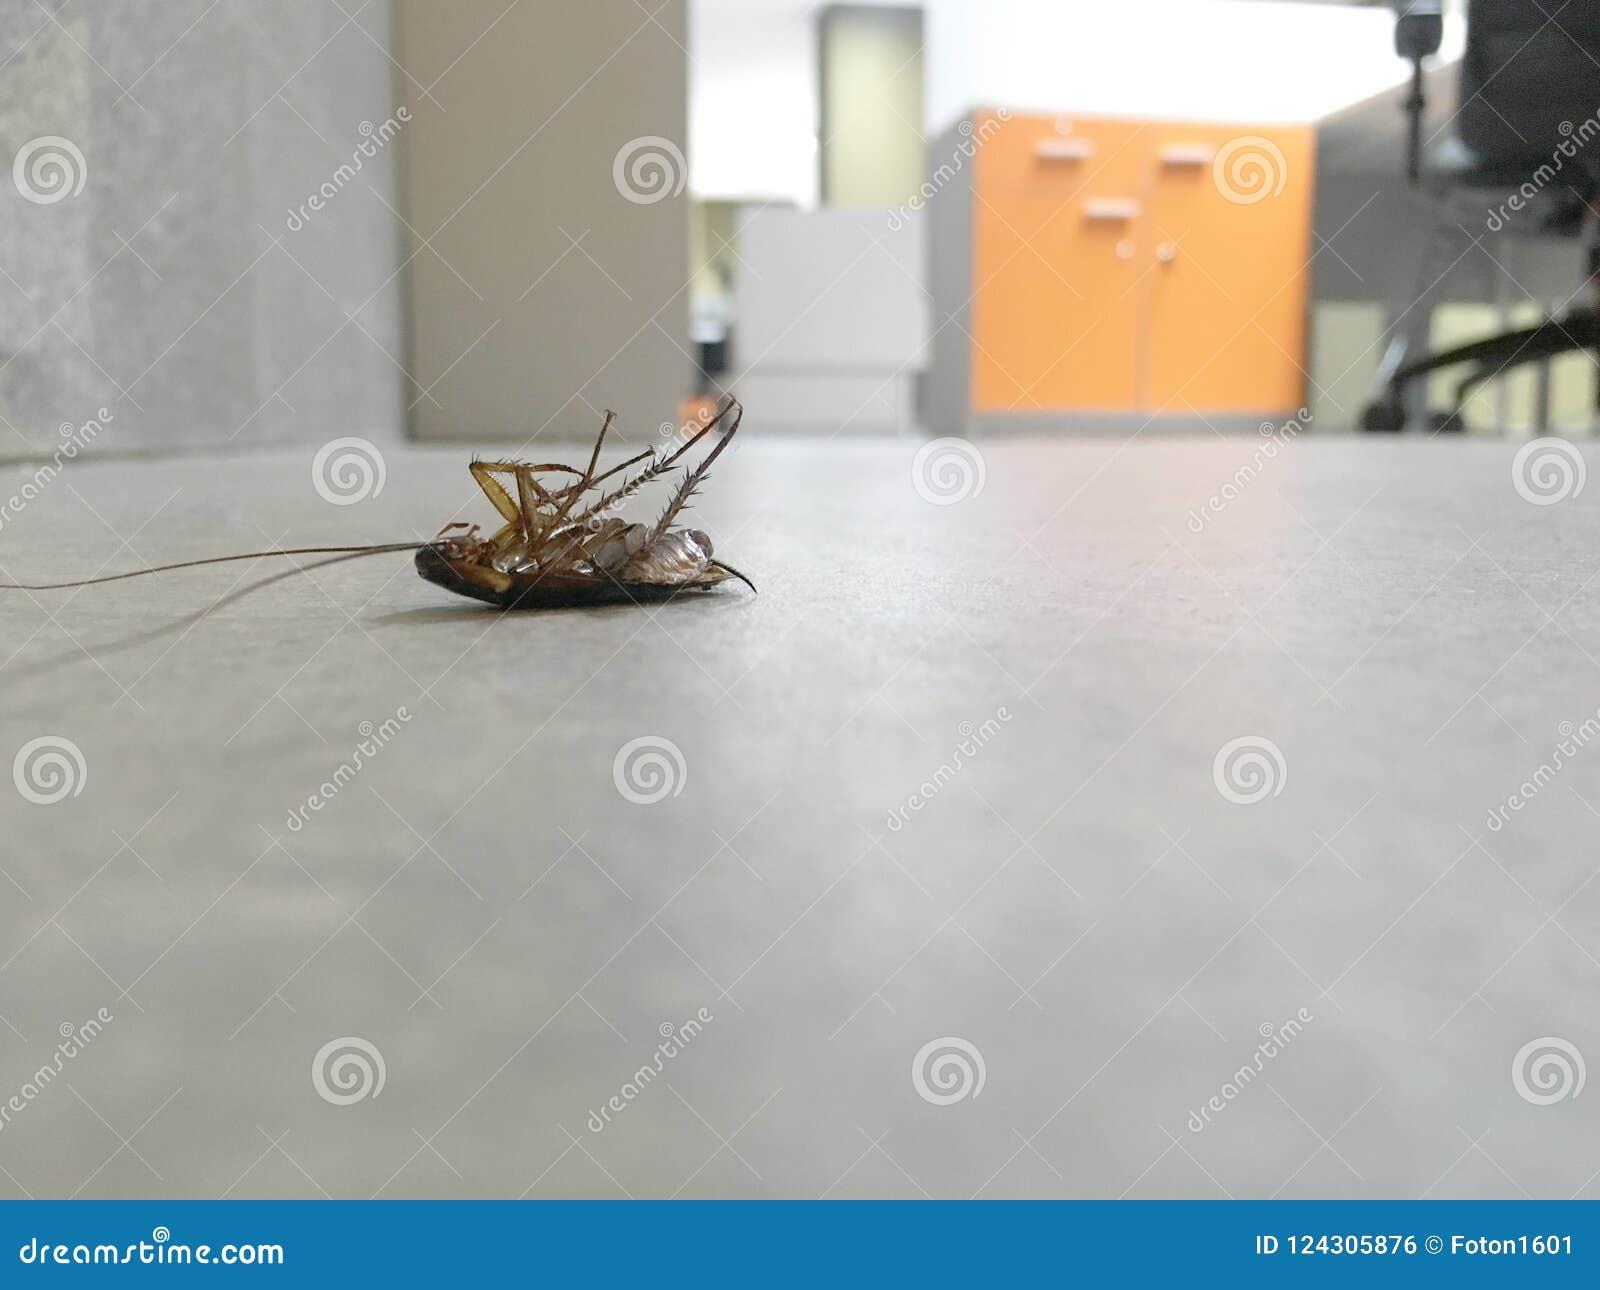 Kakkerlakken dood op het vloerbeton in bureau